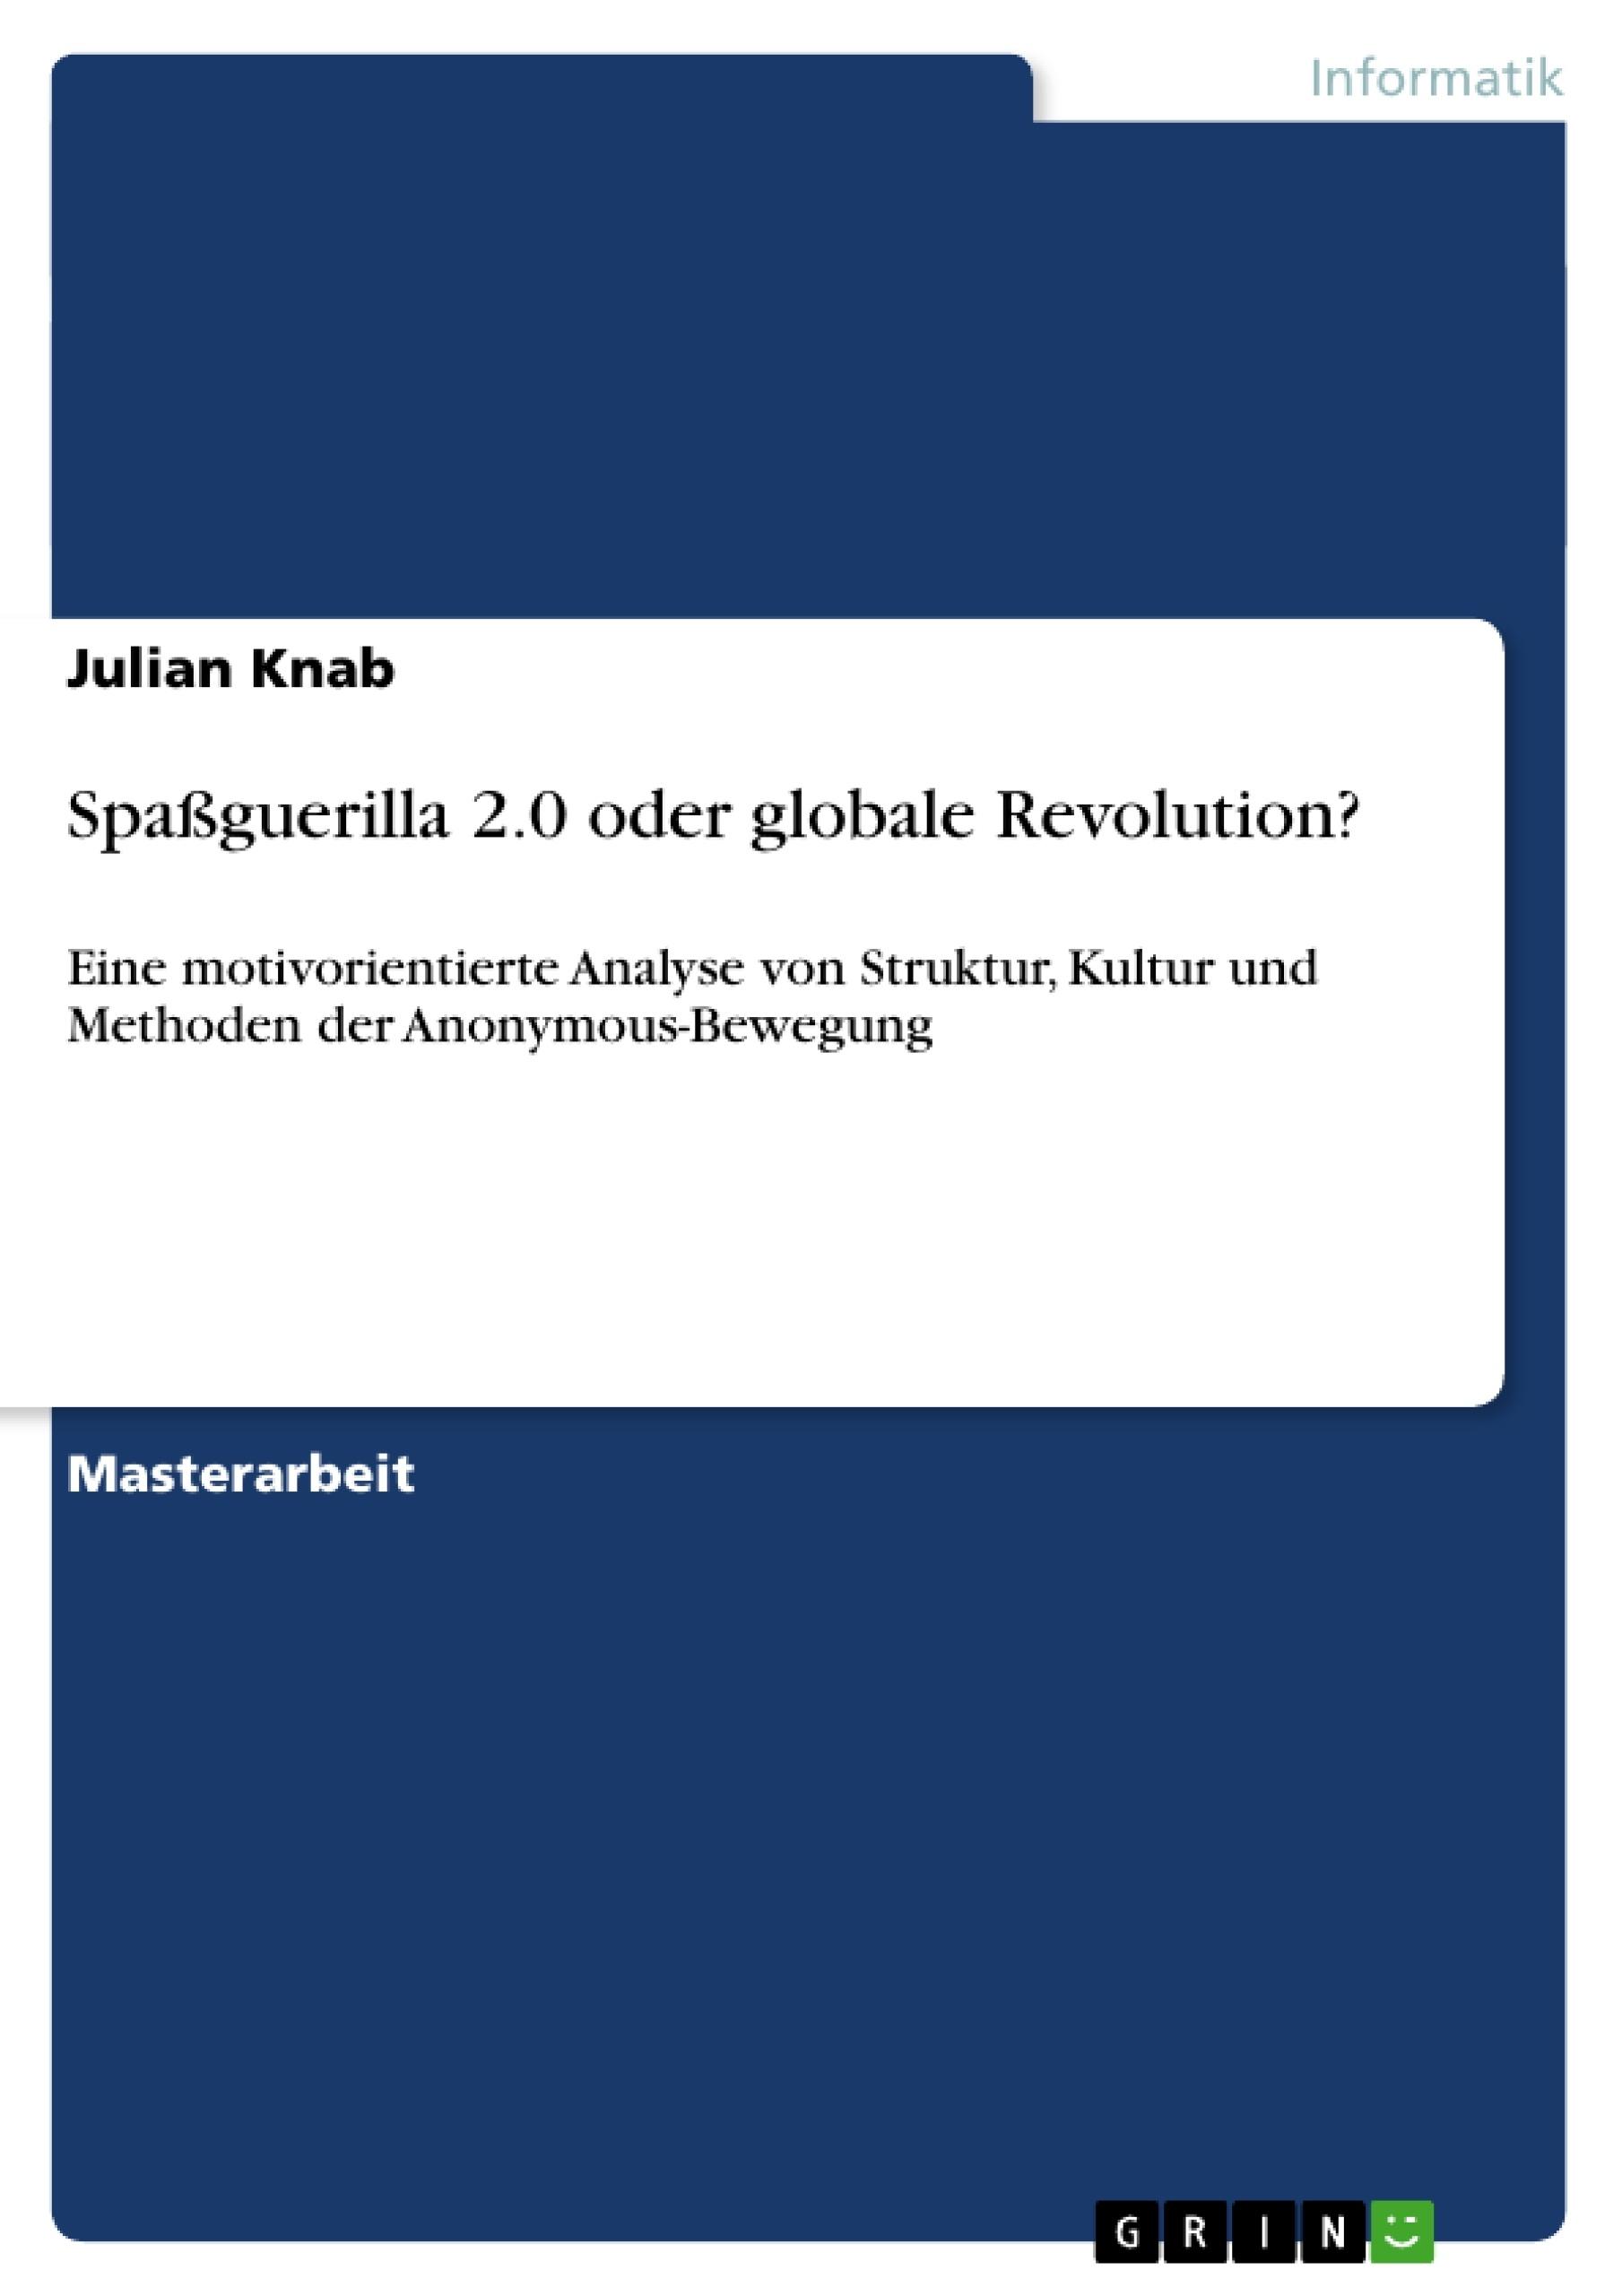 Titel: Spaßguerilla 2.0 oder globale Revolution?